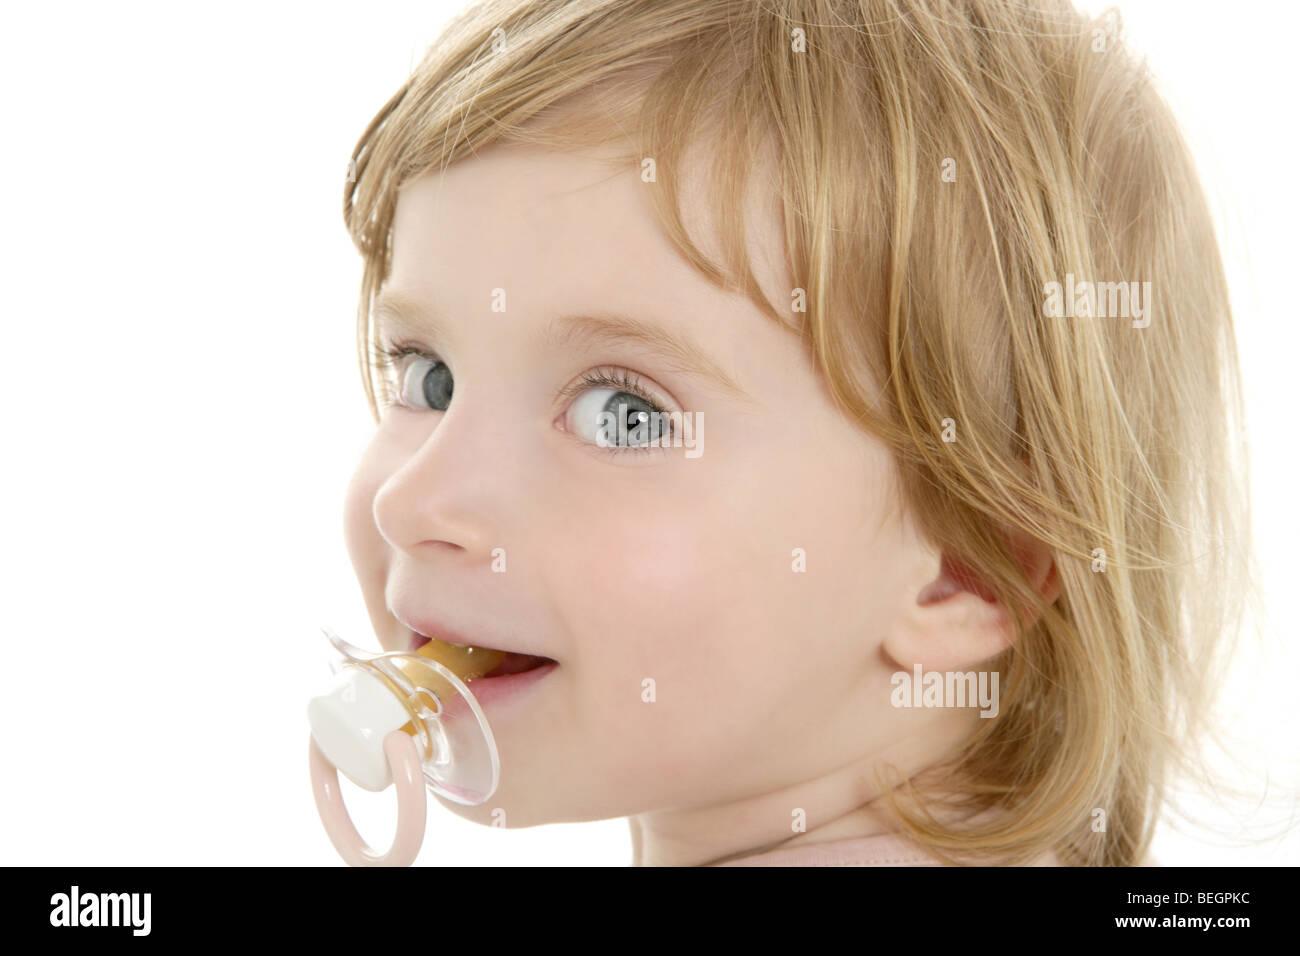 Lfc1tkj Pequeño fondo todos los ojos rubio sobre y Cabello bebé azul blanco chupar f7Yv6byIg